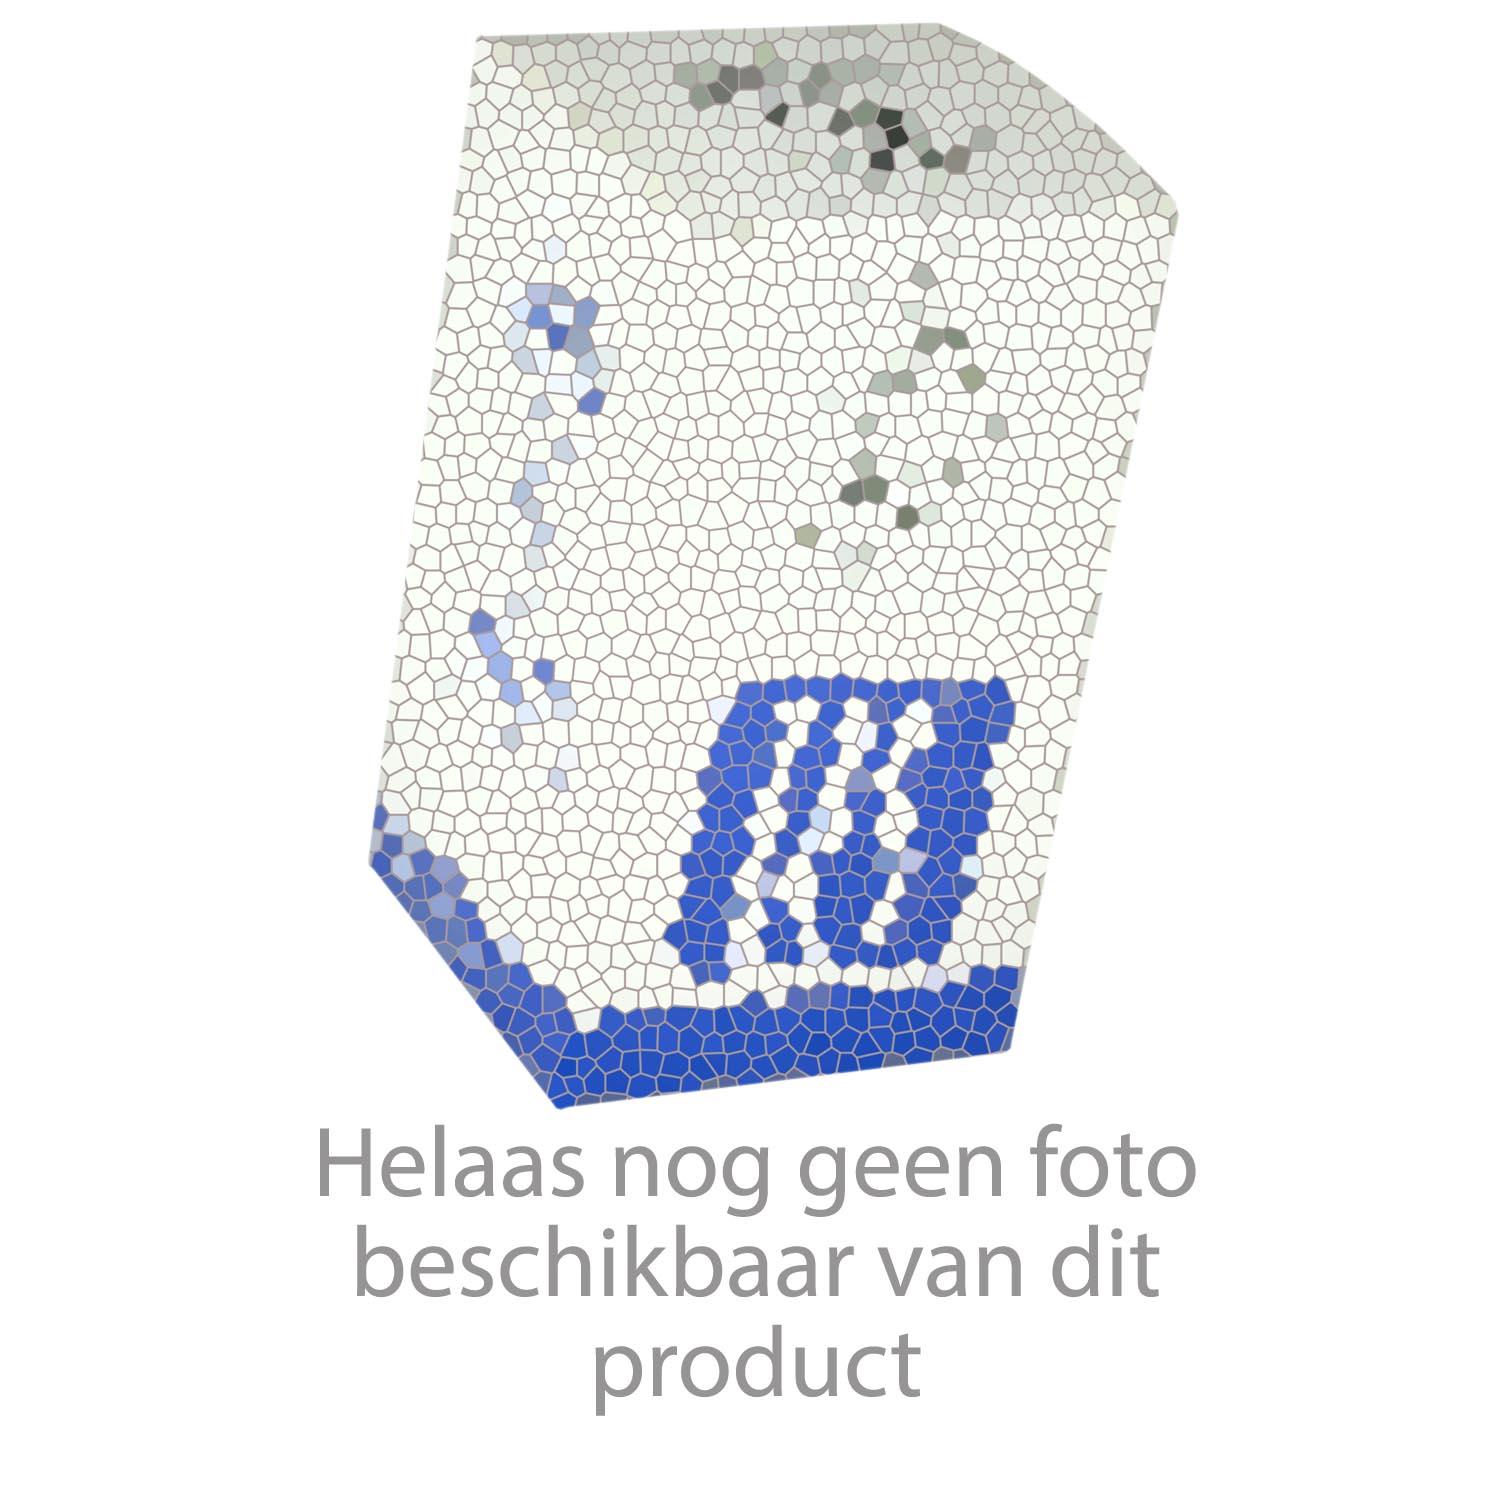 Doeco Tall Bladzeeppomp met 105 mm uitloop, flaconinhoud: 500 ml. Montagegat:  26 mm. Maximale bladdikte: 50 mm Inox-look